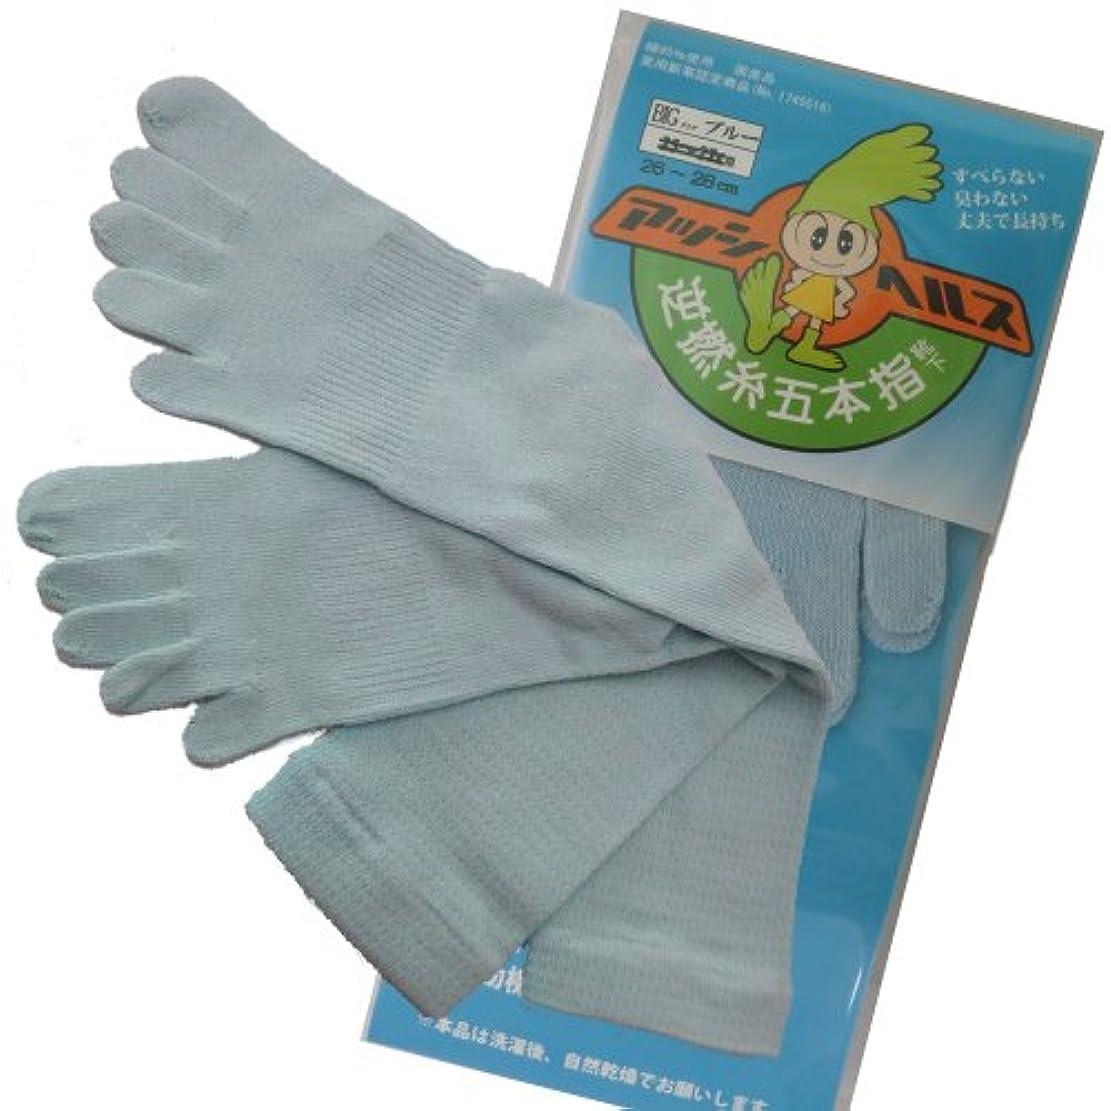 調子掘るささやきアッシヘルス 逆撚糸五本指靴下 かかと付き 男性用 AA26~28cm BIG (ブルー)